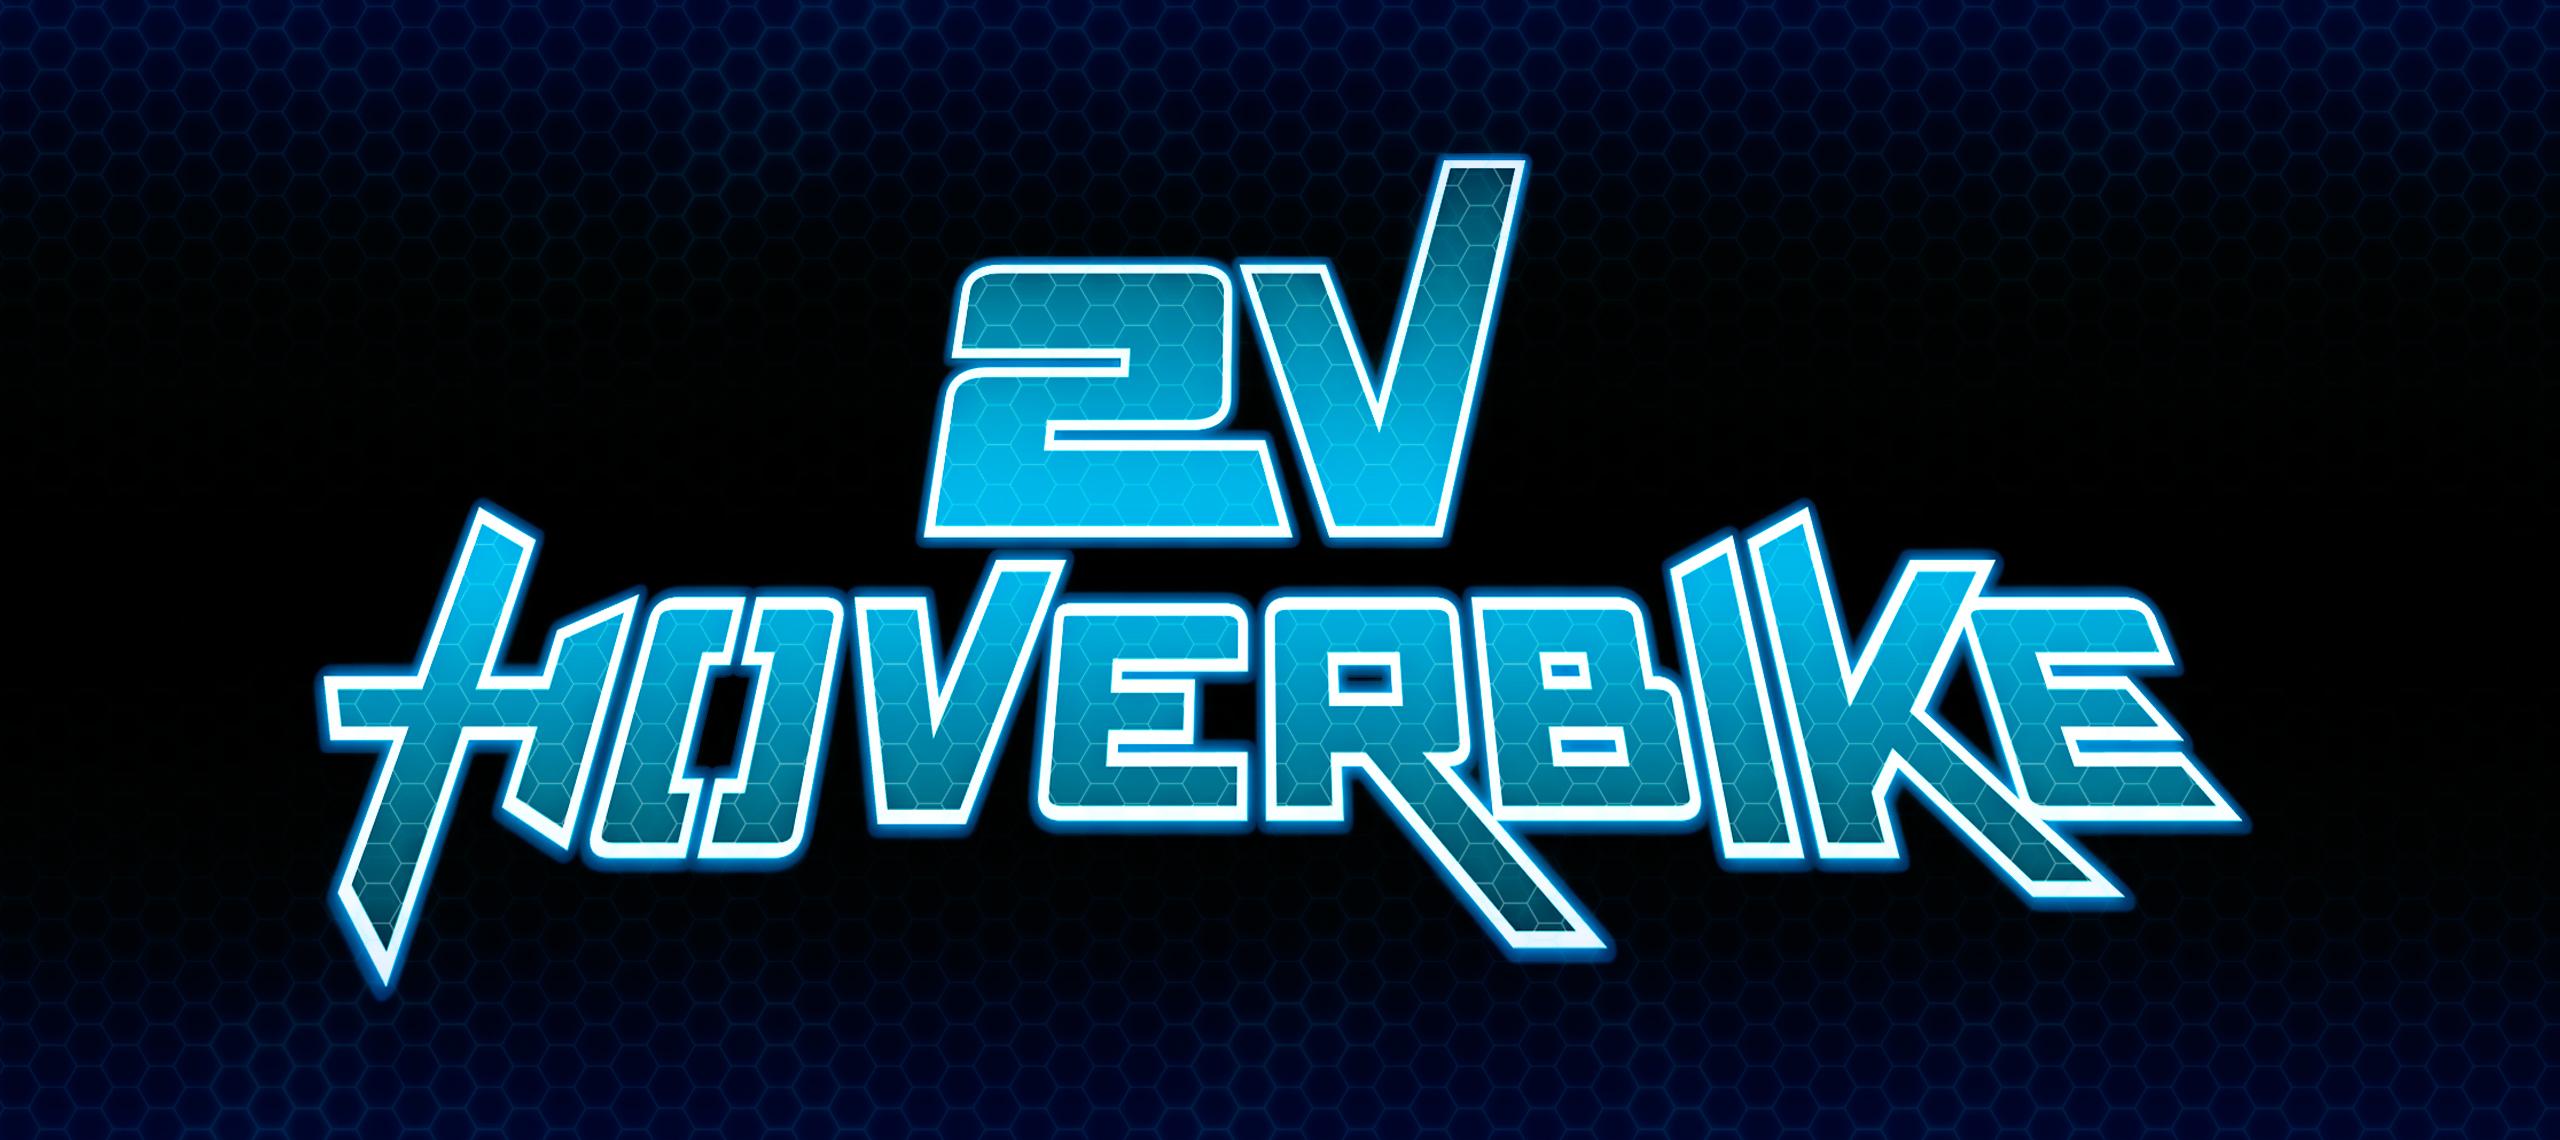 2V Hoverbike